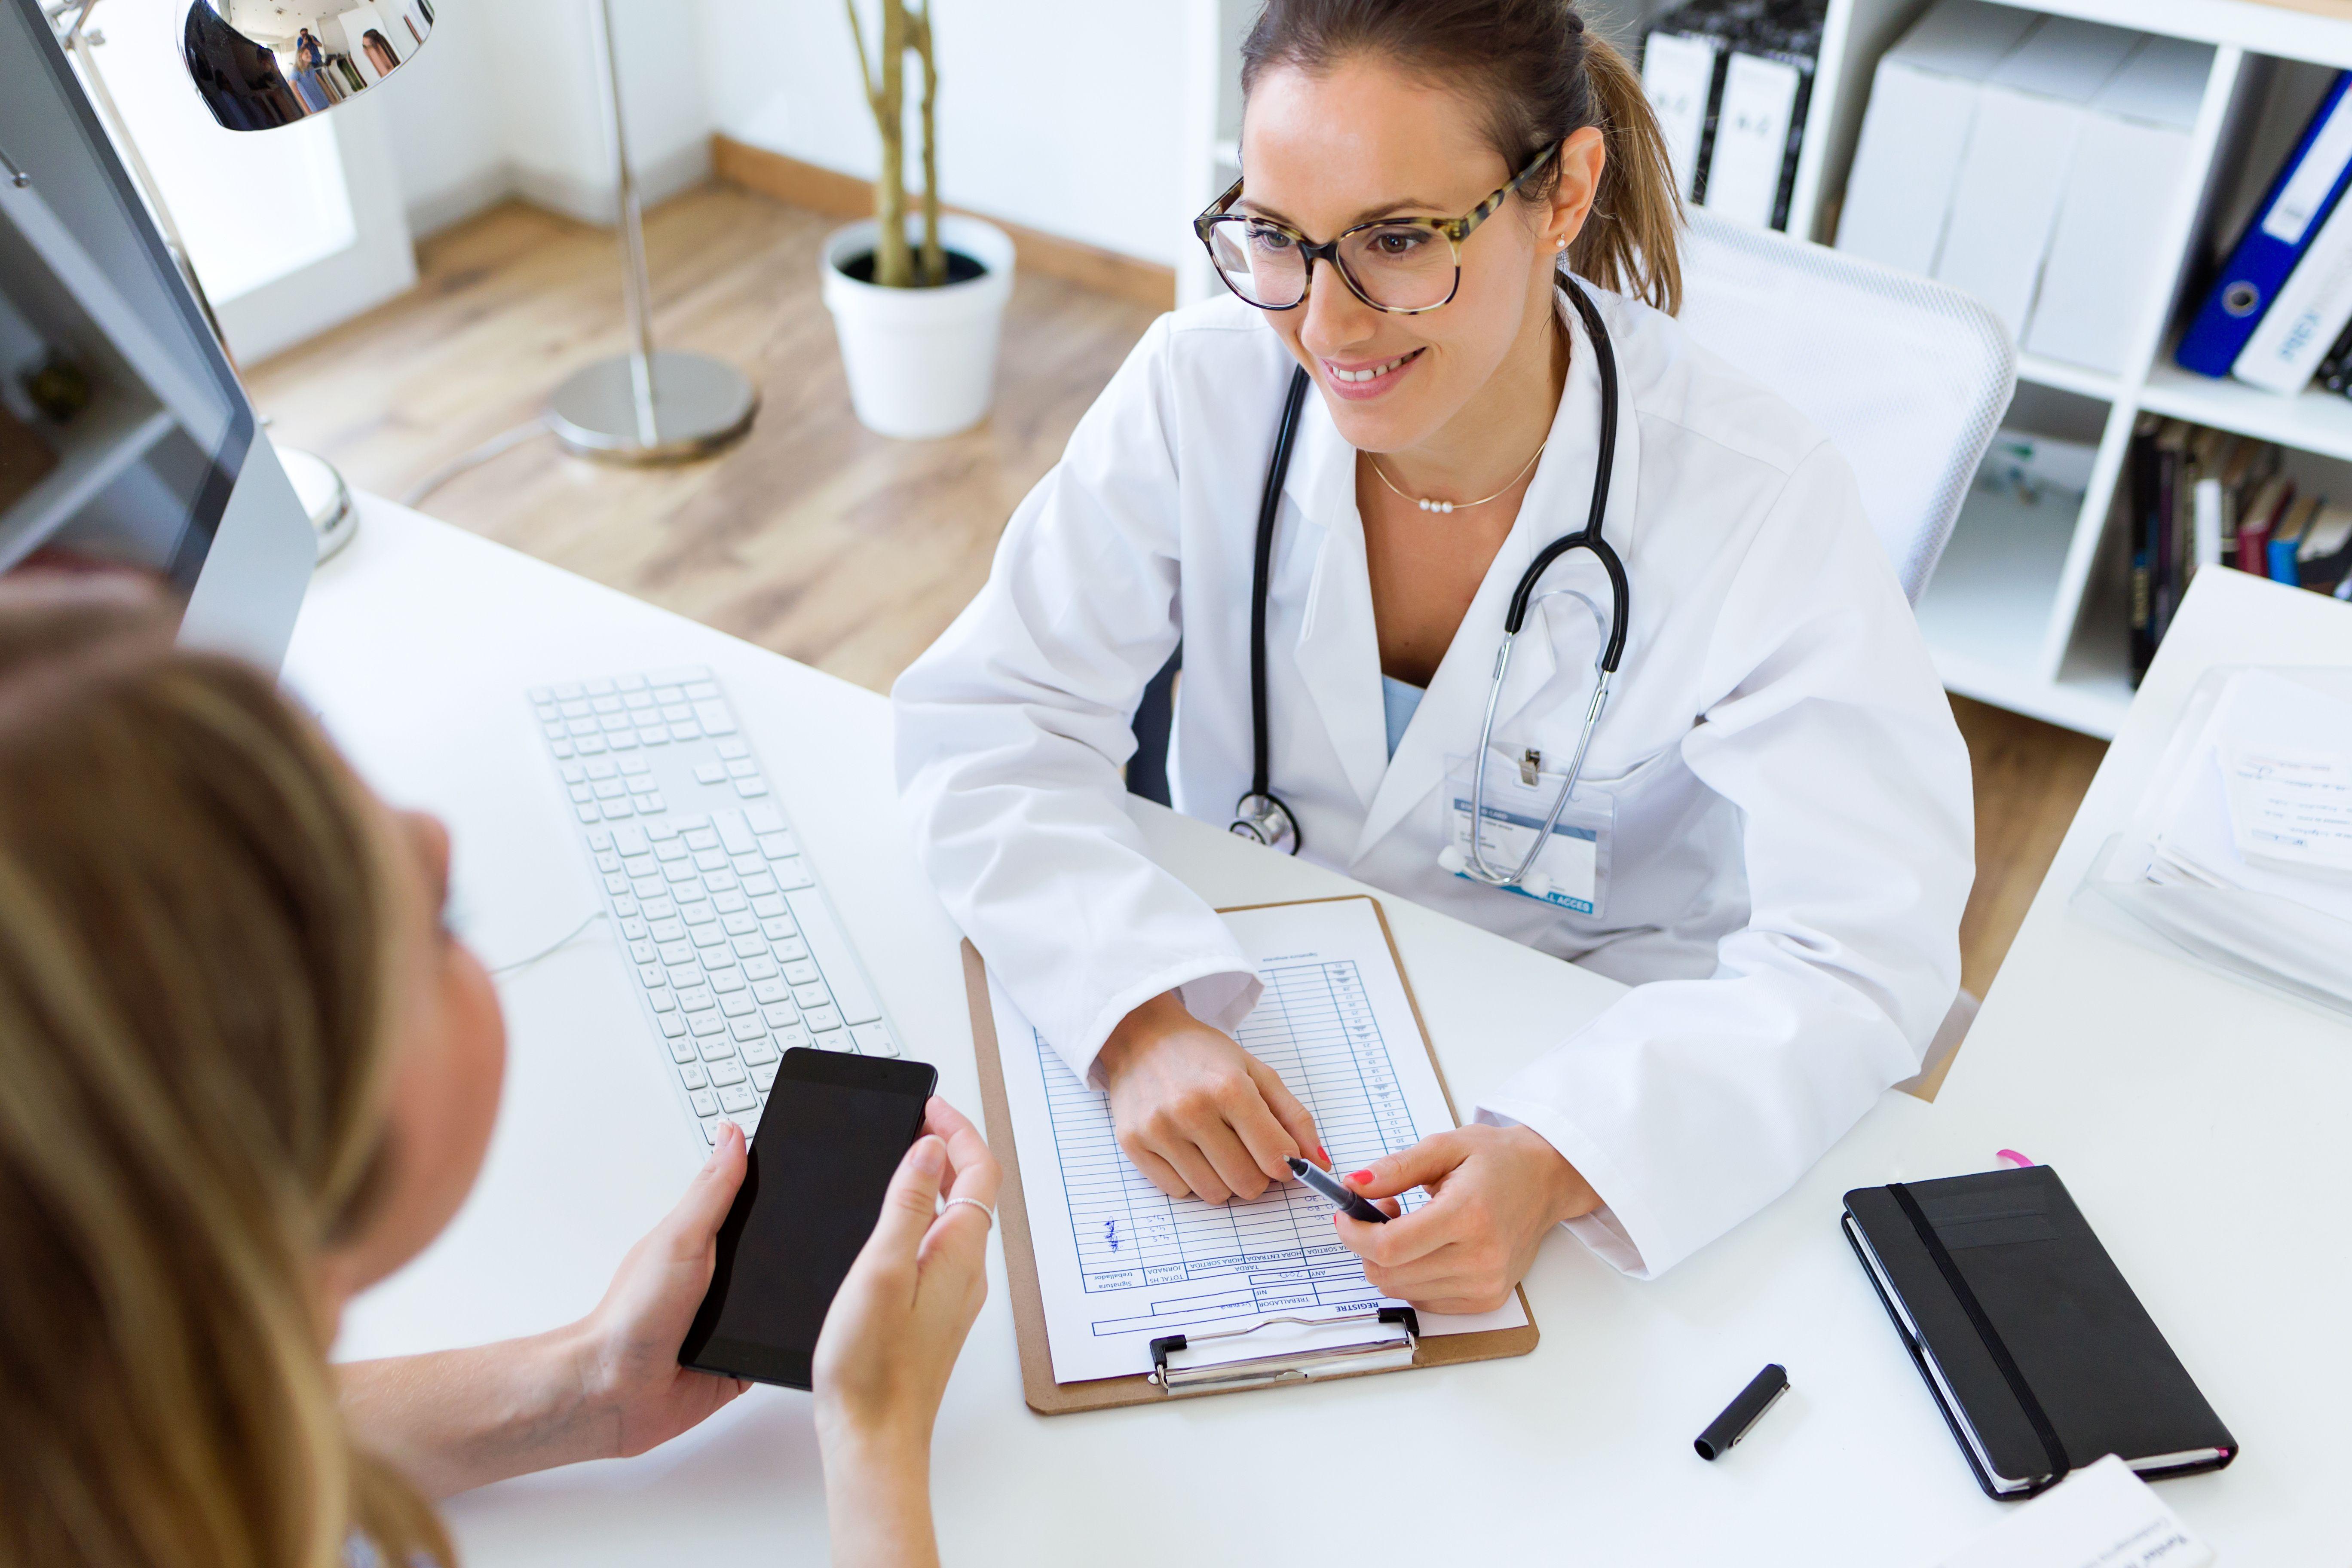 Patient speaking to doctor